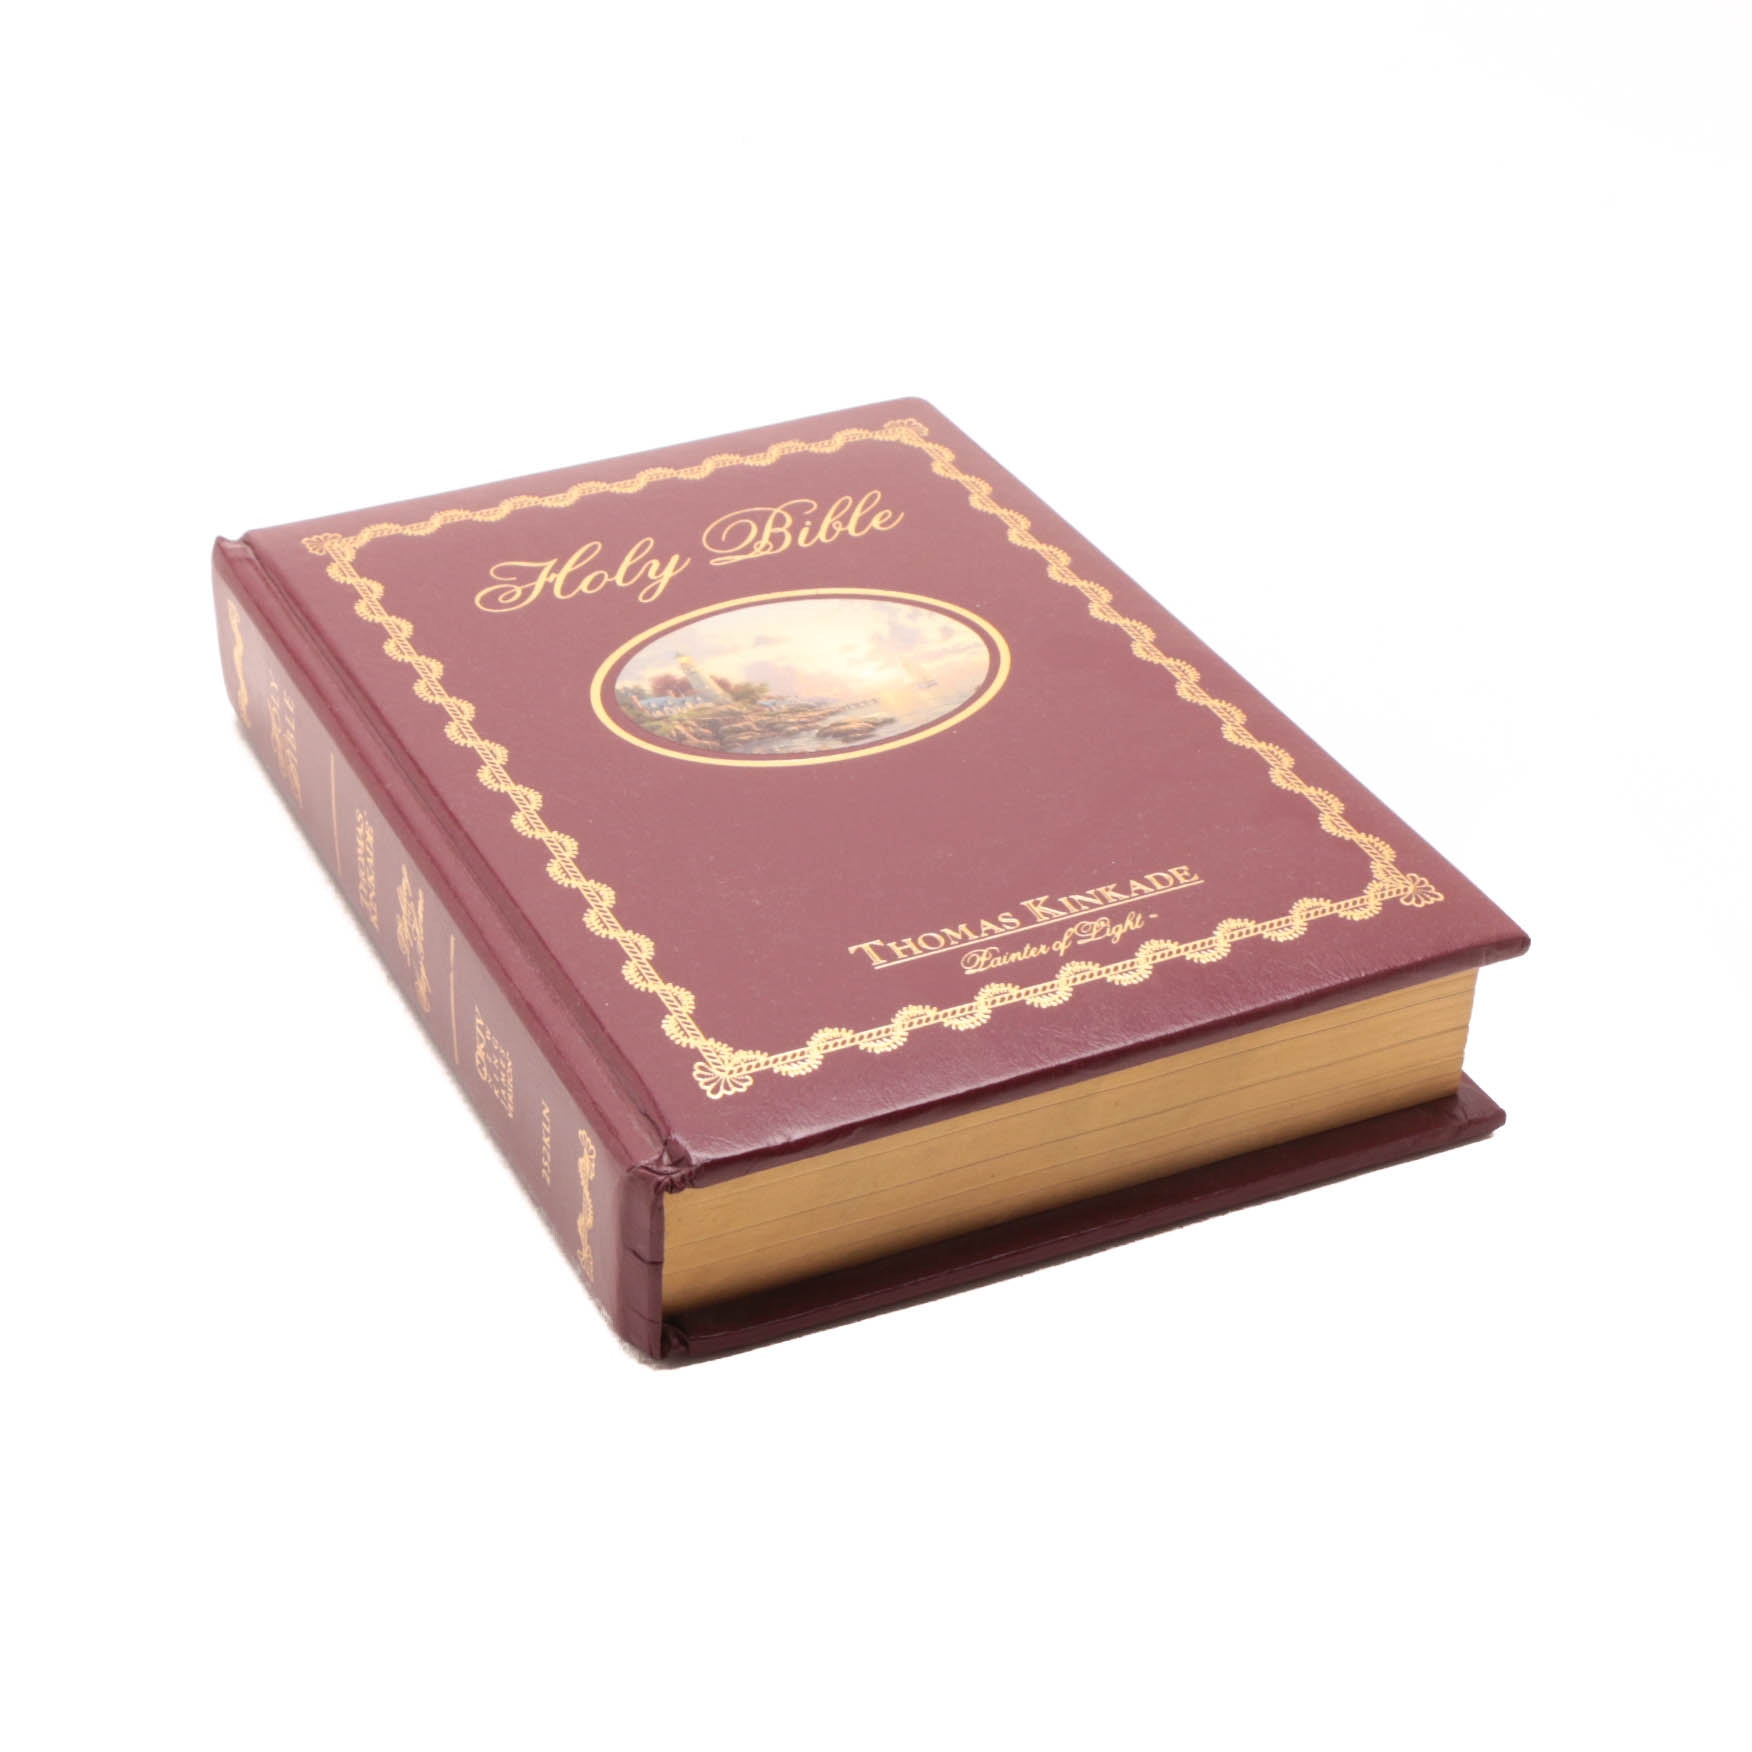 Thomas Kinkade Illustrated Holy Bible